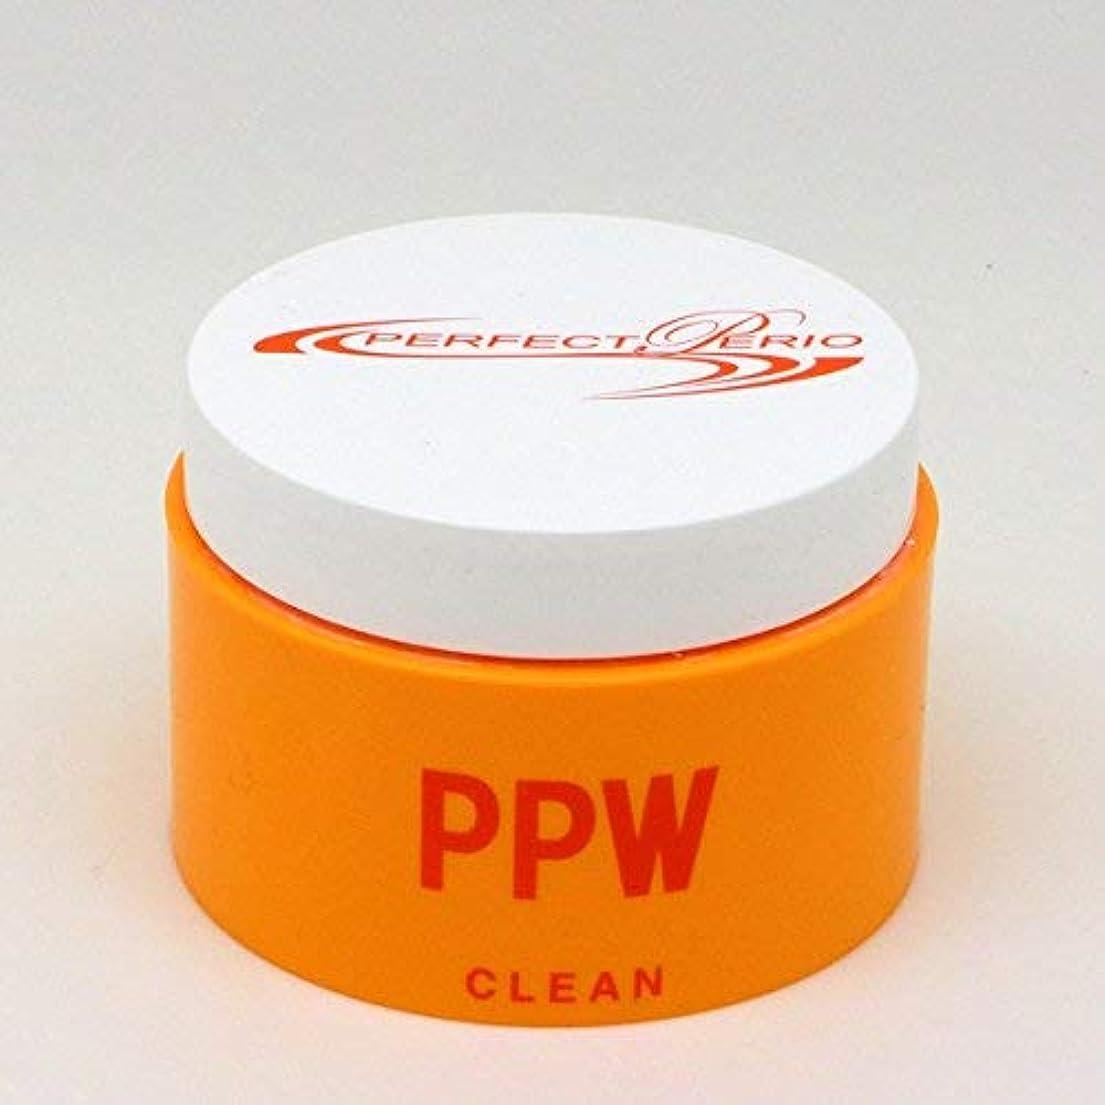 増強ダイエット避けるパーフェクトペリオクリーン 歯磨き粉